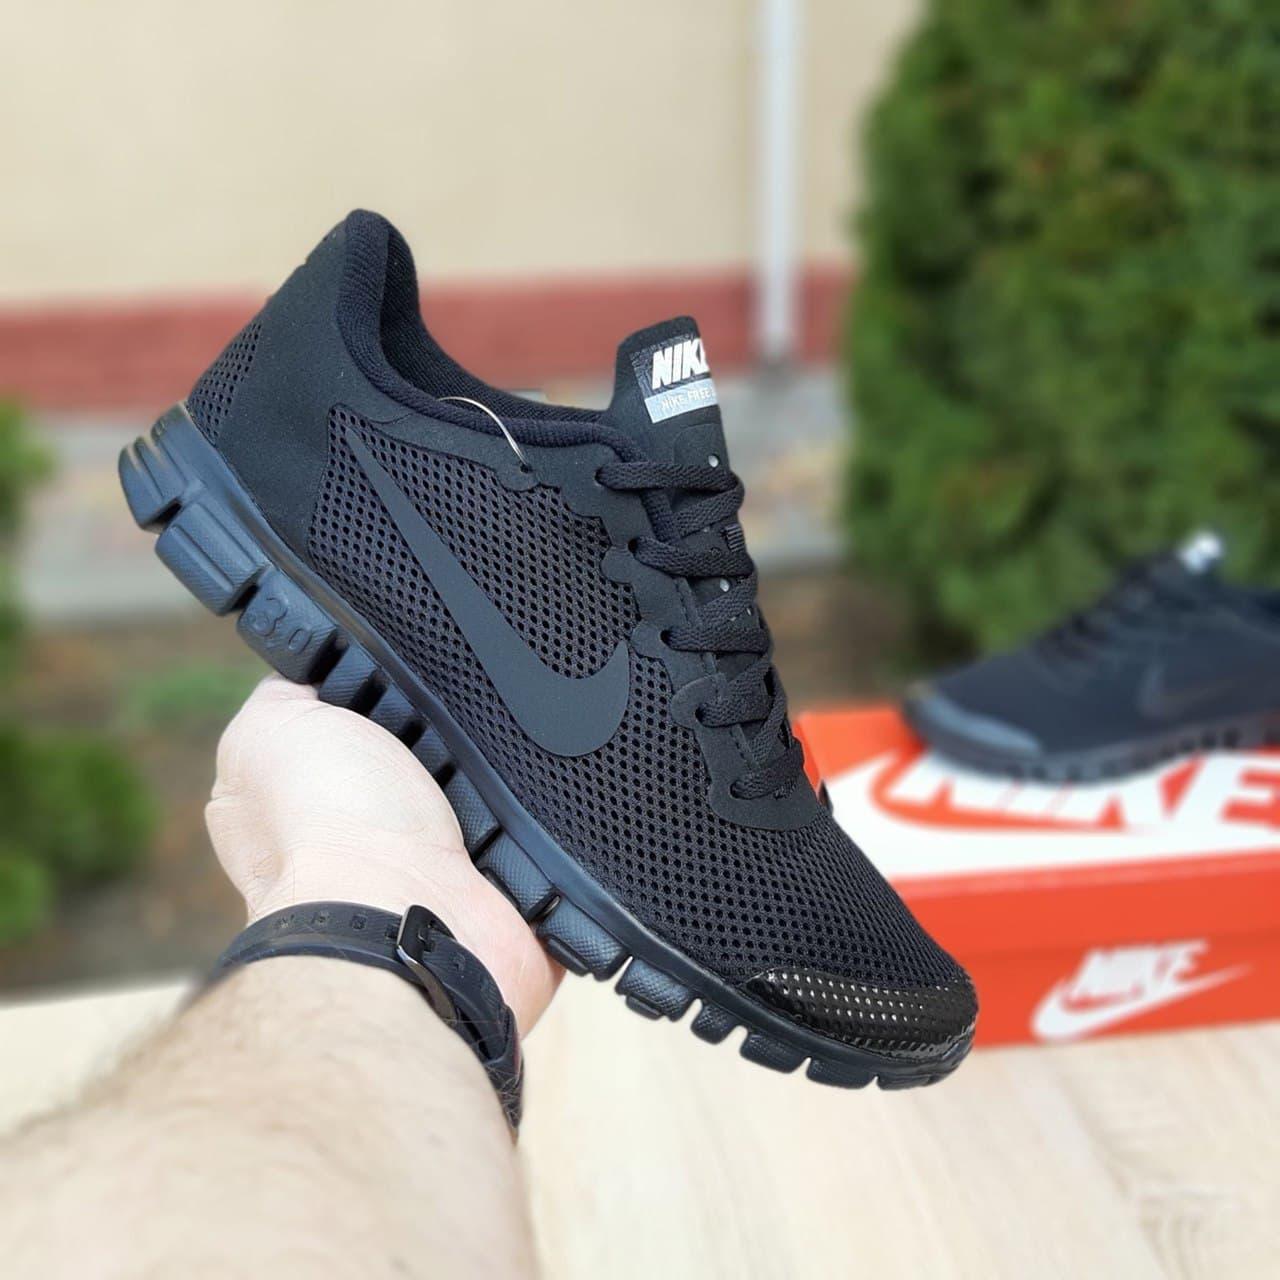 Мужские кроссовки Nk Free Run 3.0 черные со шнурками сетка  ТОП ( лицензия) 40-46р